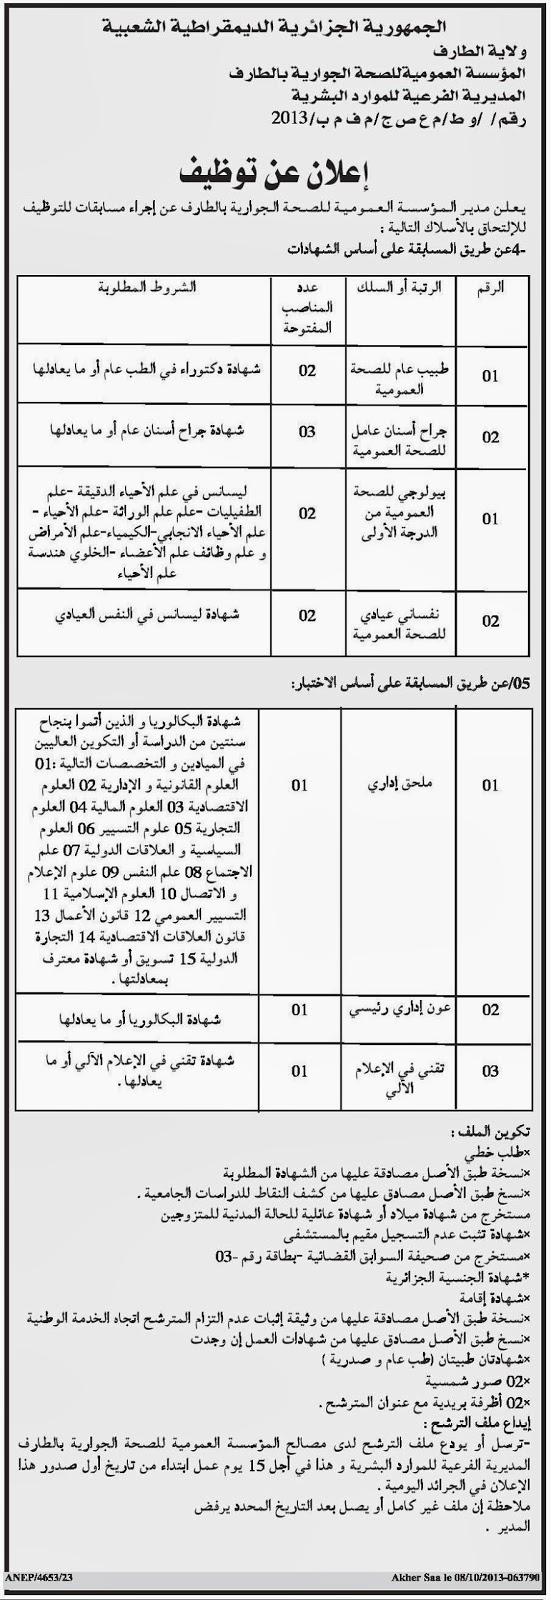 التوظيف في الجزائر : مسابقات توظيف في المؤسسة العمومية للصحة الجوارية في ولاية الطارف أكتوبر 2013